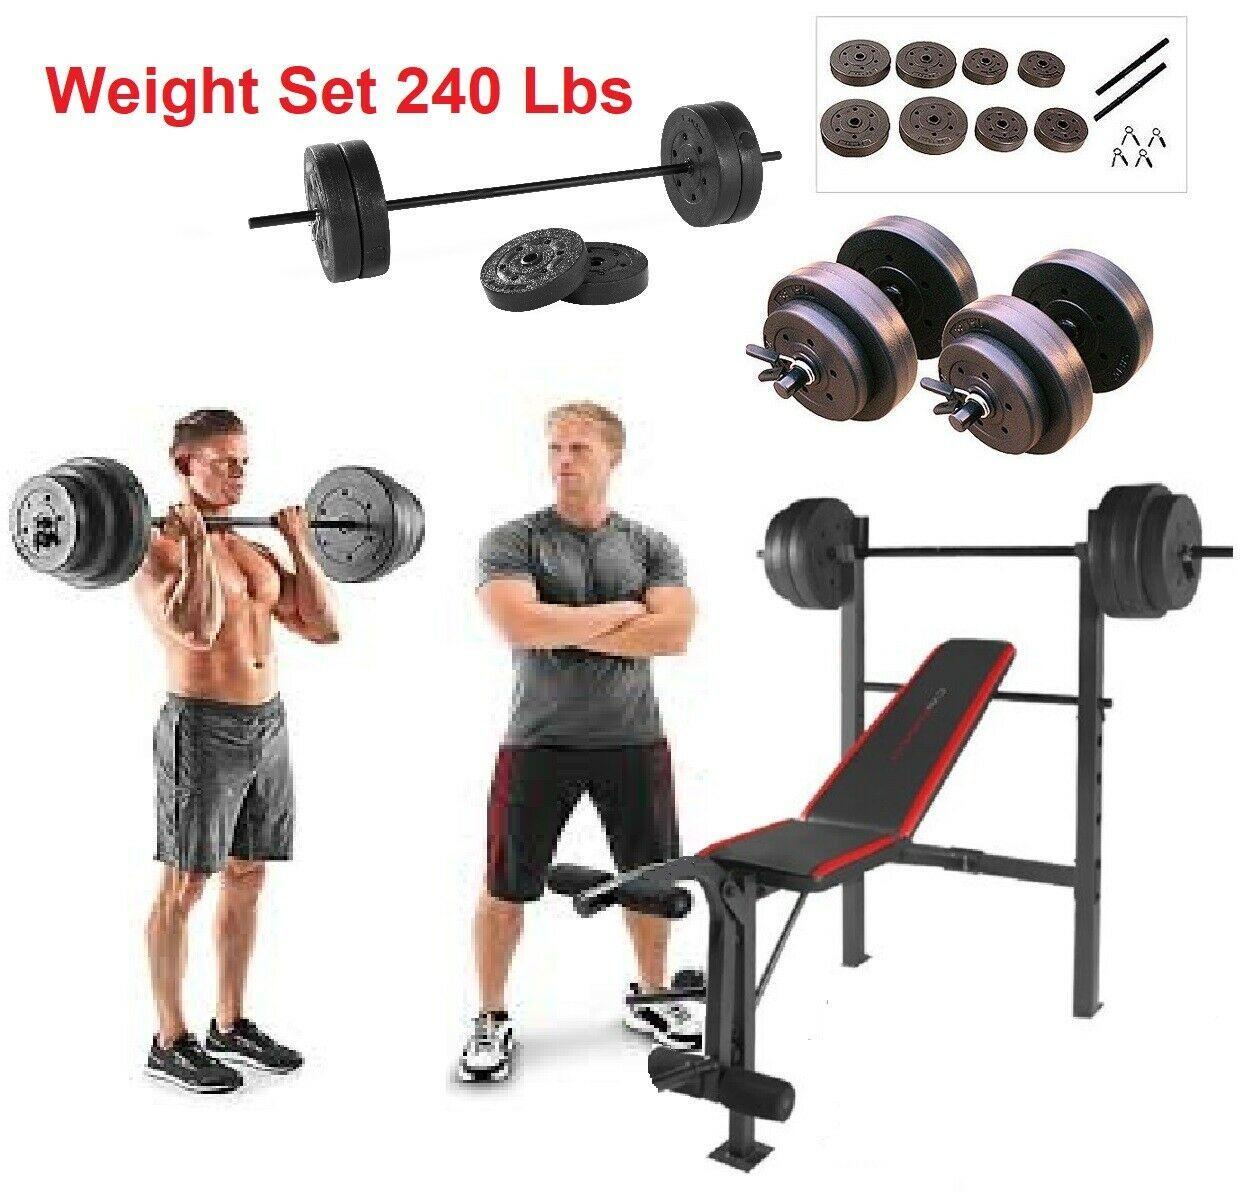 XL Mega Weight Set 240 Lbs Bench Weights Bar Press Barbell Dumbbell SuperSet Gym